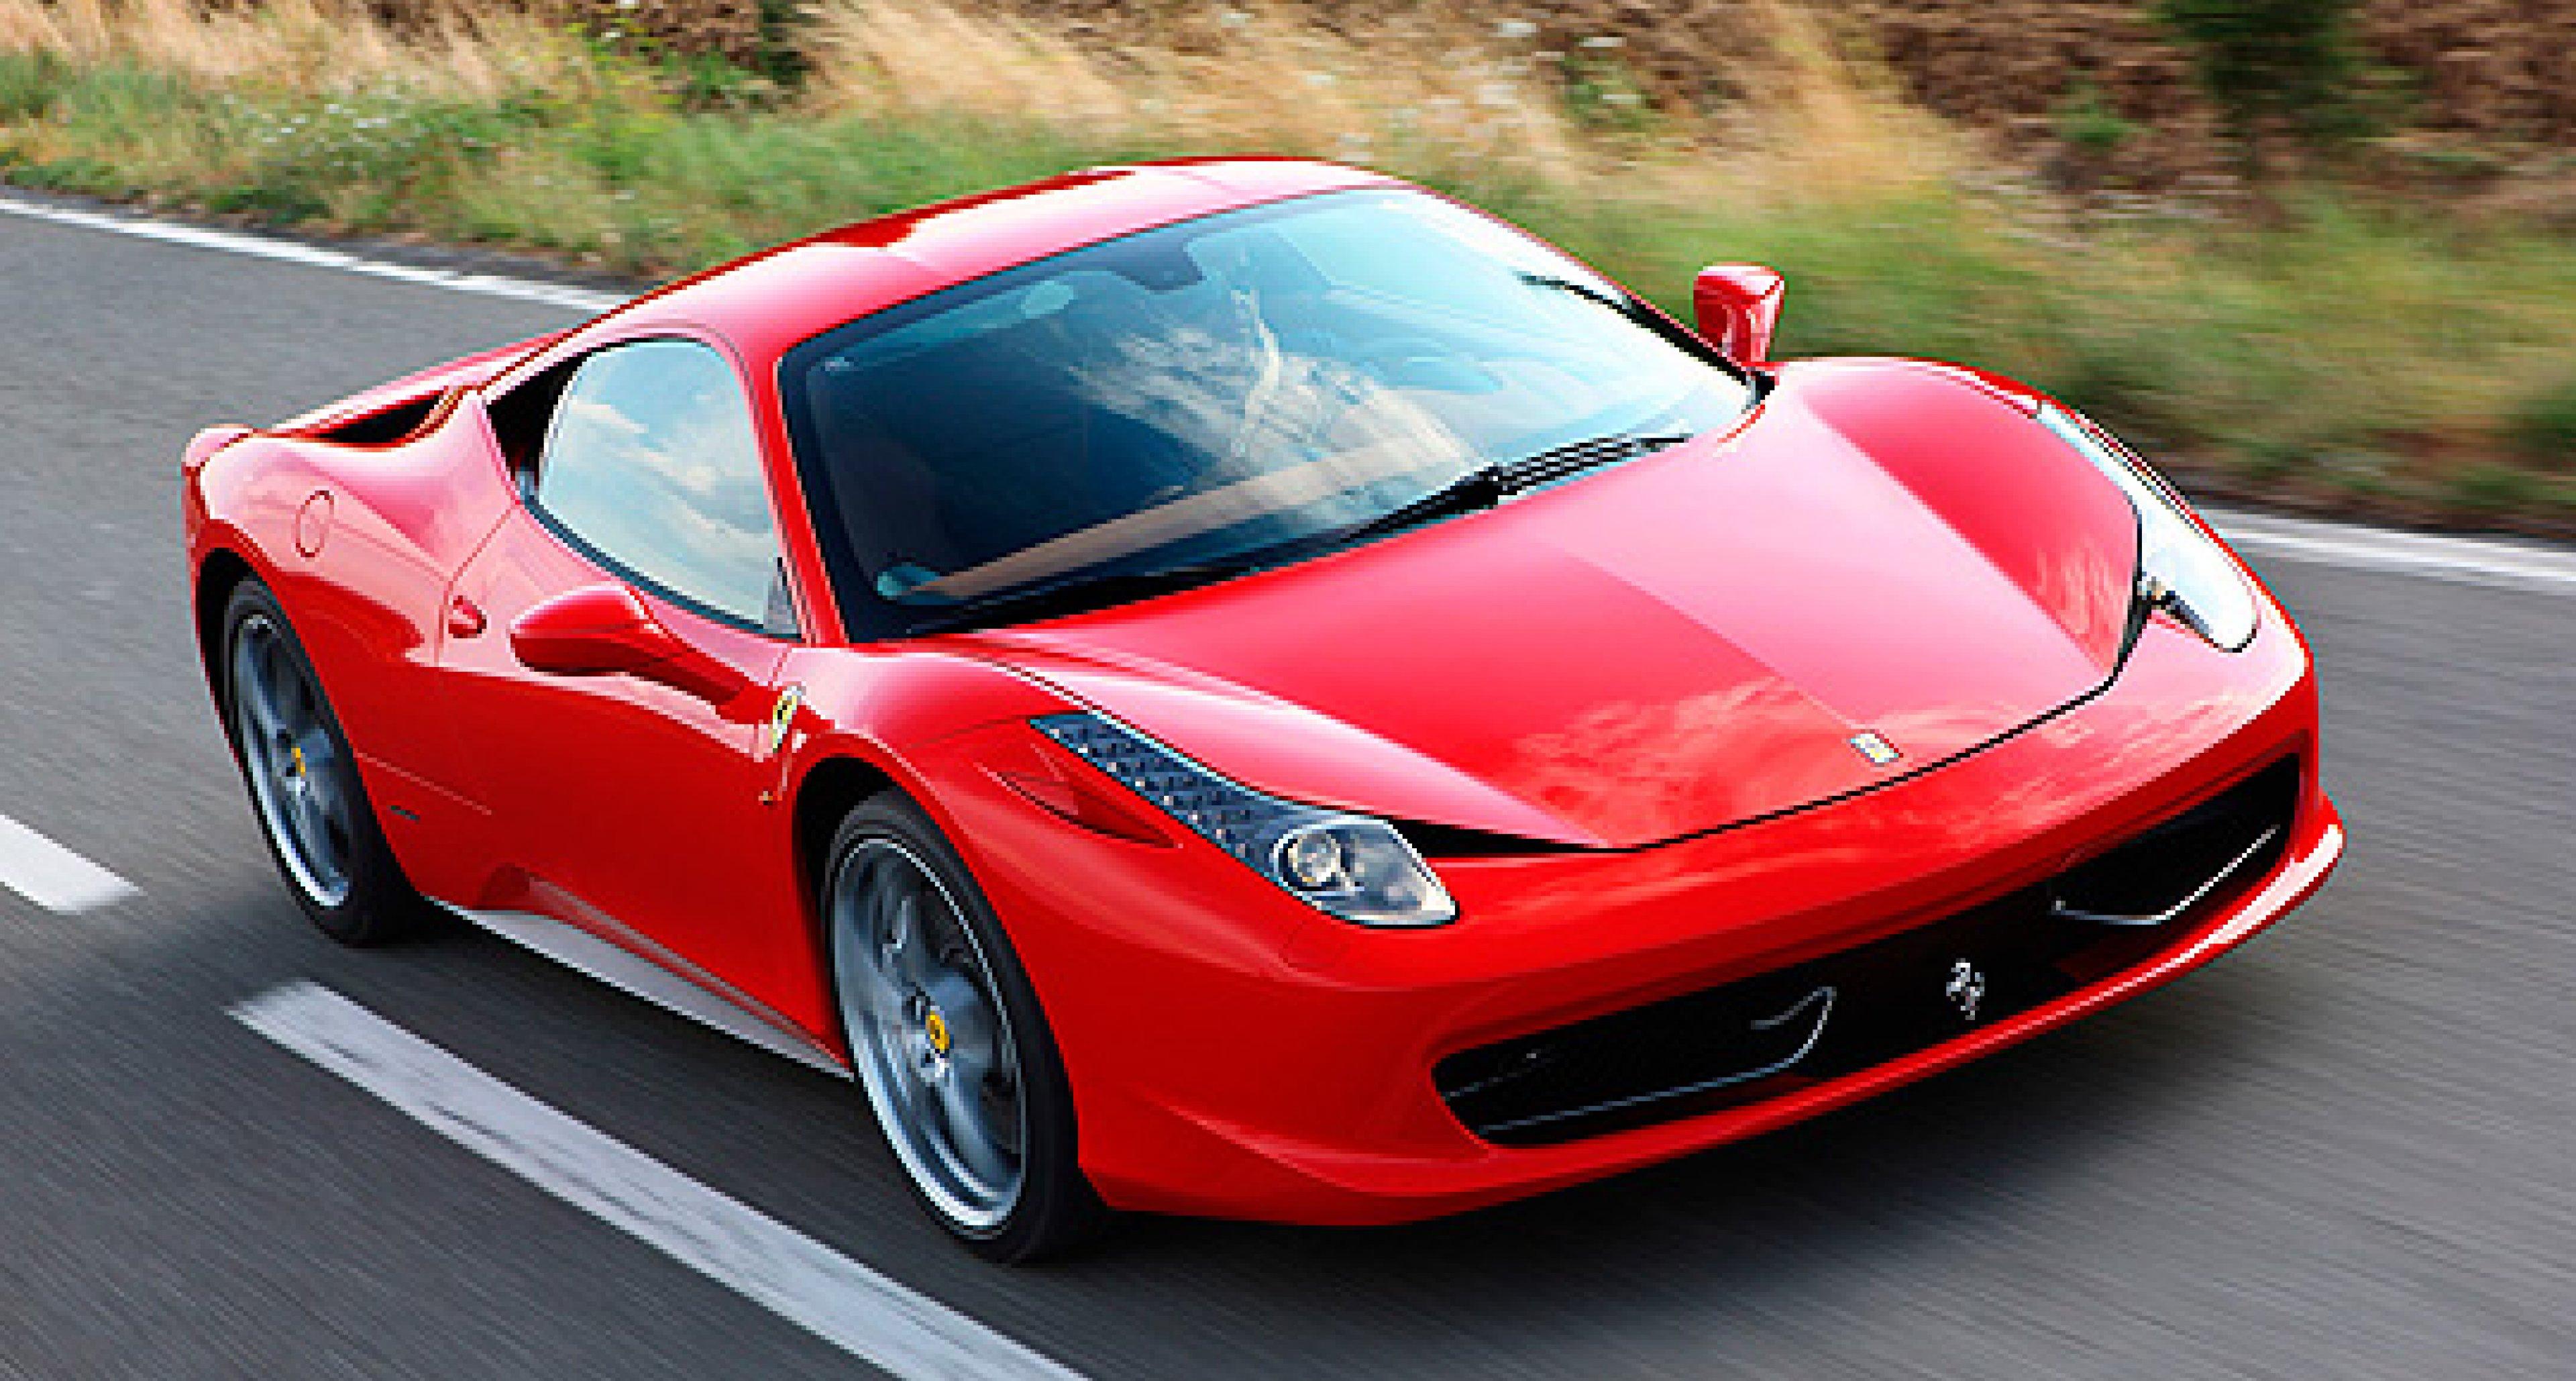 Feuergefahr: Ferrari ruft 458 Italia zurück